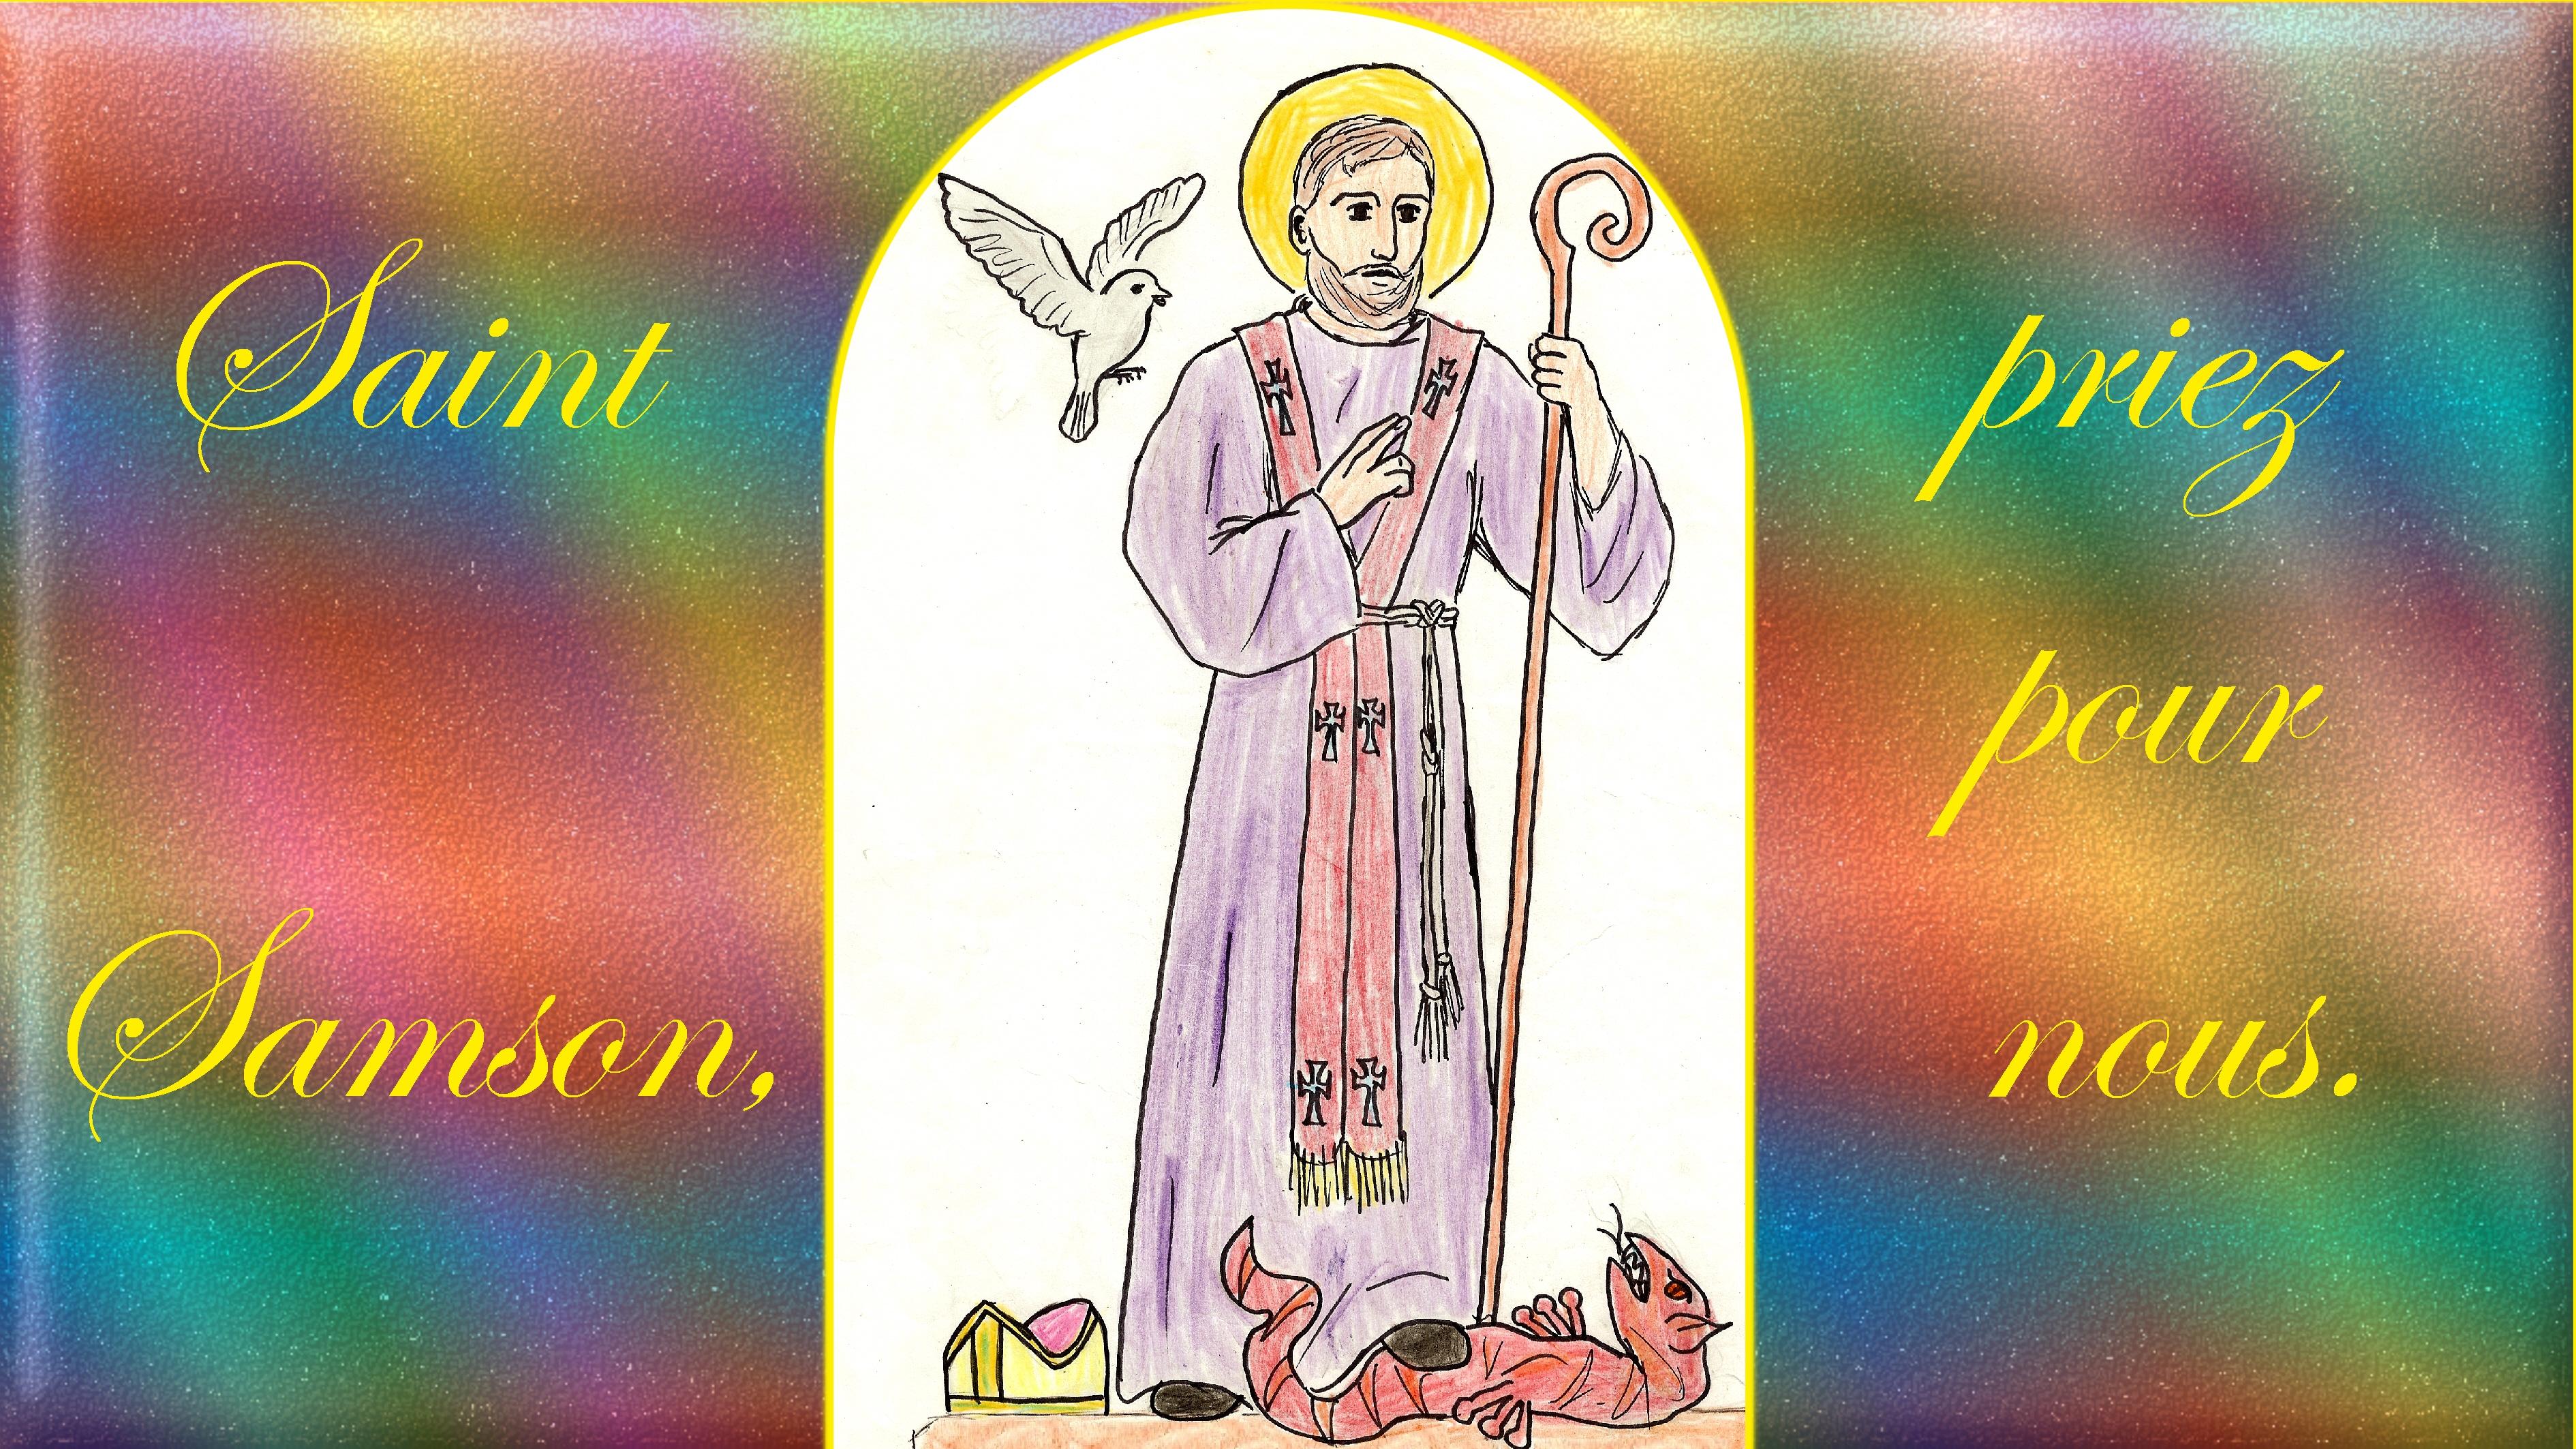 CALENDRIER CATHOLIQUE 2020 (Cantiques, Prières & Images) - Page 21 St-samson-57971d7